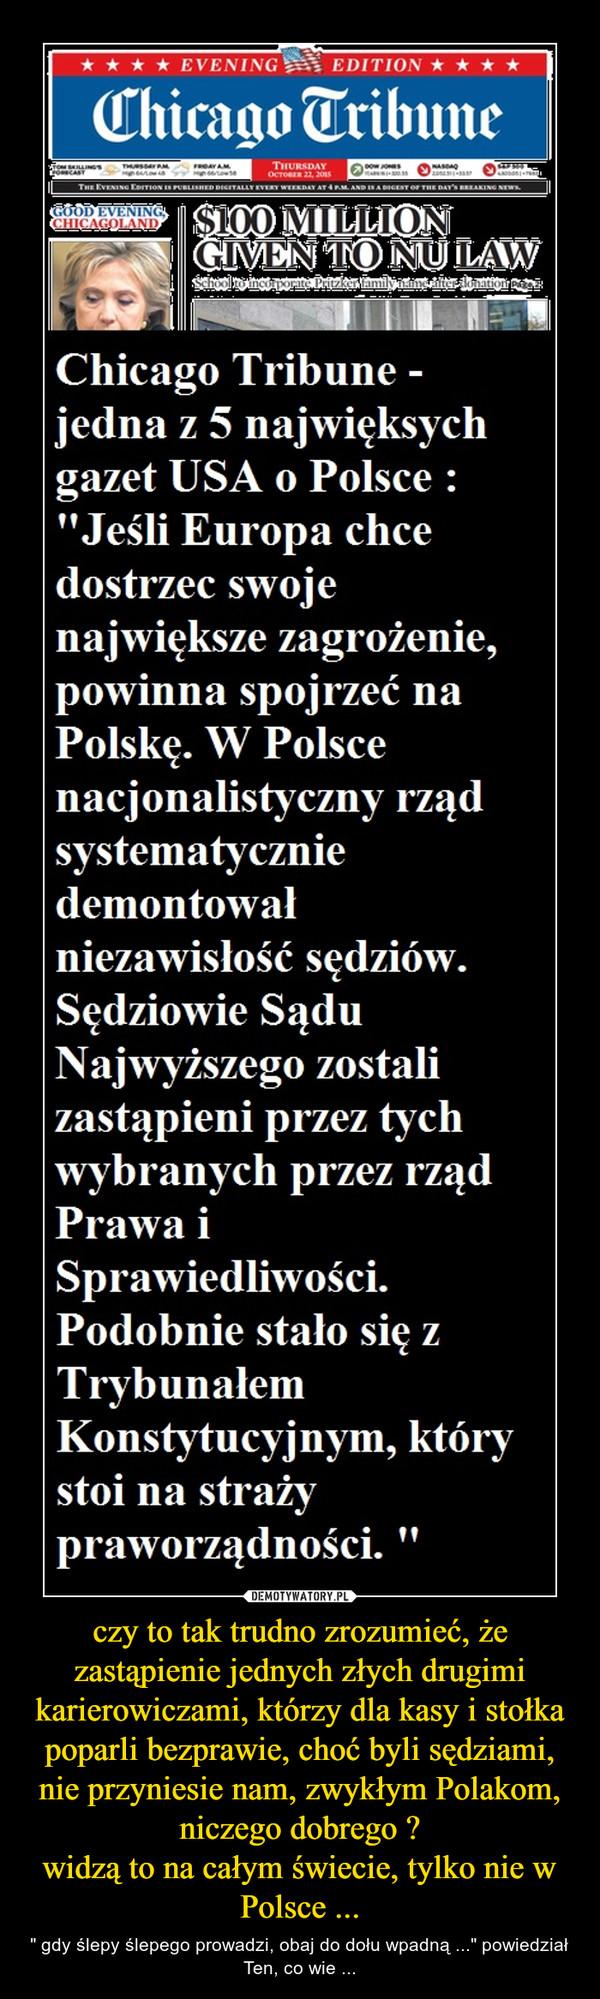 """czy to tak trudno zrozumieć, że zastąpienie jednych złych drugimi karierowiczami, którzy dla kasy i stołka poparli bezprawie, choć byli sędziami, nie przyniesie nam, zwykłym Polakom, niczego dobrego ?widzą to na całym świecie, tylko nie w Polsce ... – """" gdy ślepy ślepego prowadzi, obaj do dołu wpadną ..."""" powiedział Ten, co wie ..."""